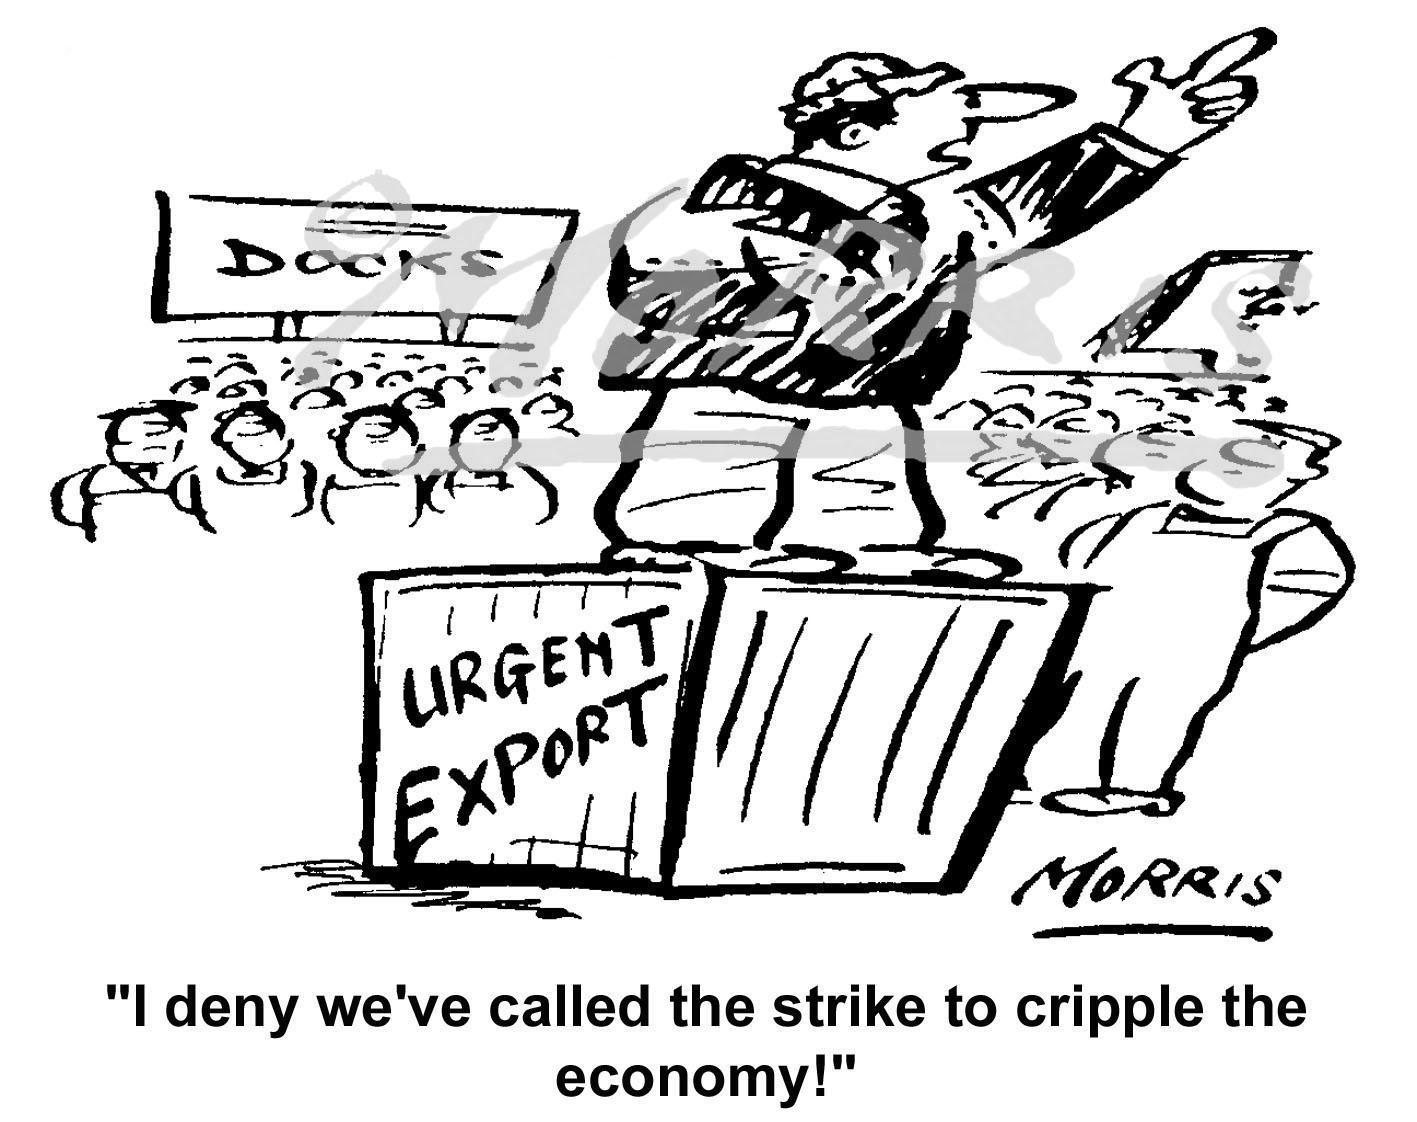 Strike action cartoon – Ref: 4605bw